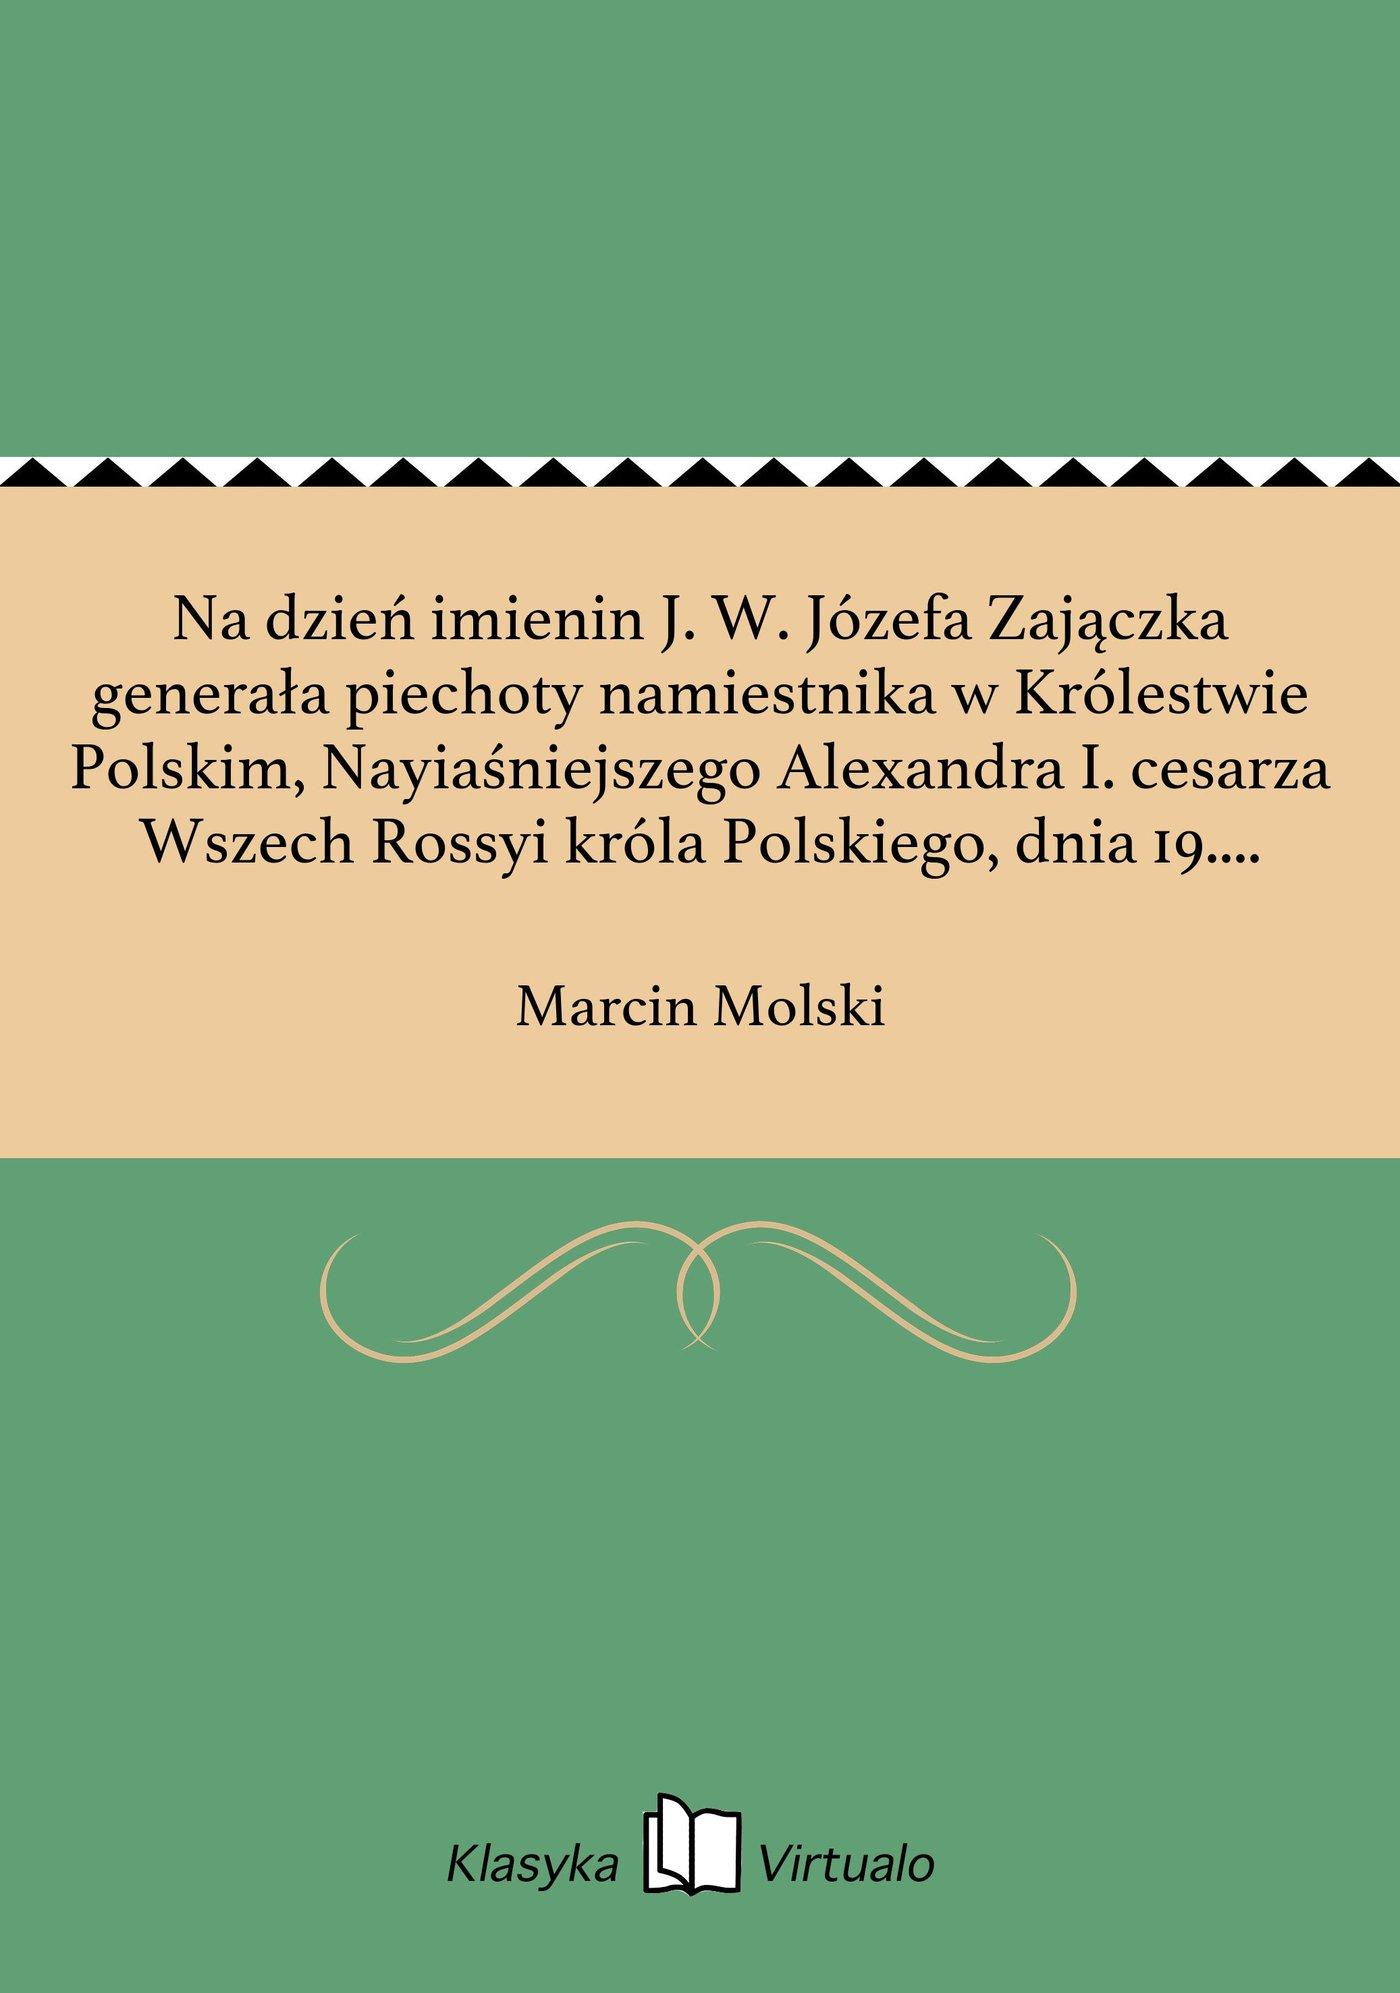 Na dzień imienin J. W. Józefa Zajączka generała piechoty namiestnika w Królestwie Polskim, Nayiaśniejszego Alexandra I. cesarza Wszech Rossyi króla Polskiego, dnia 19. marca 1816 roku. - Ebook (Książka EPUB) do pobrania w formacie EPUB